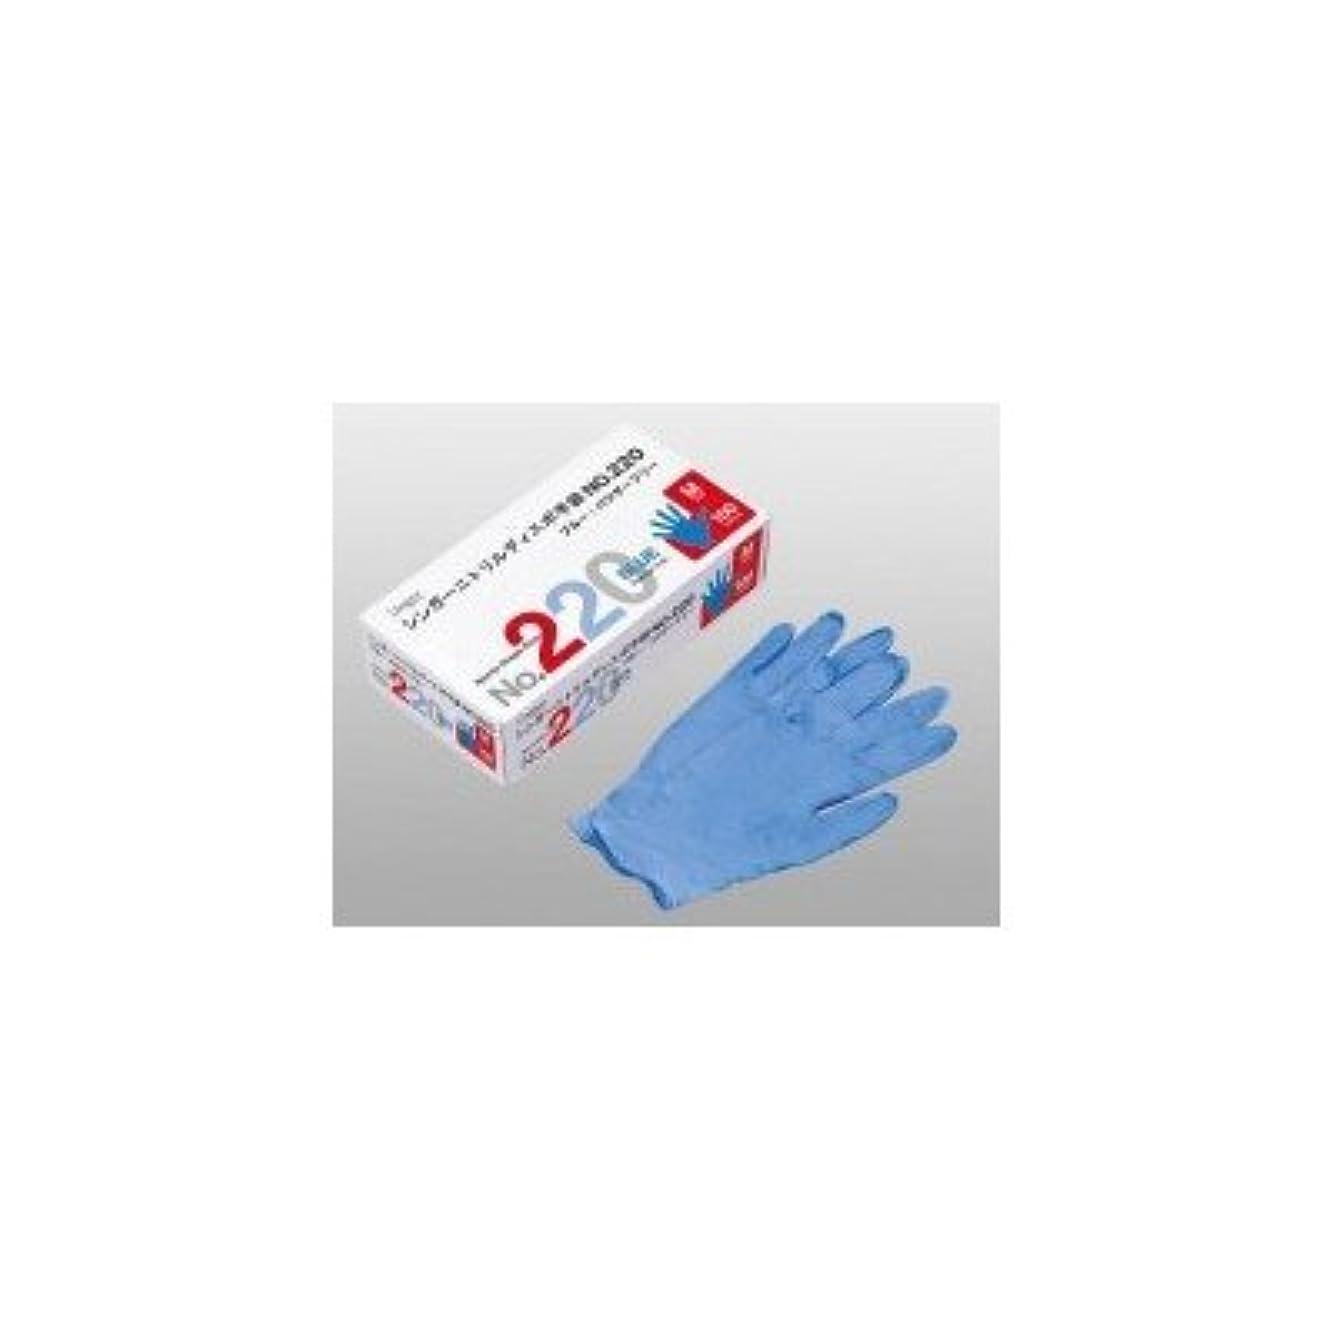 ランドマークビリースリムシンガーニトリルディスポ手袋 No.220 ブルー パウダーフリー(100枚) M( 画像はイメージ画像です お届けの商品はMのみとなります)